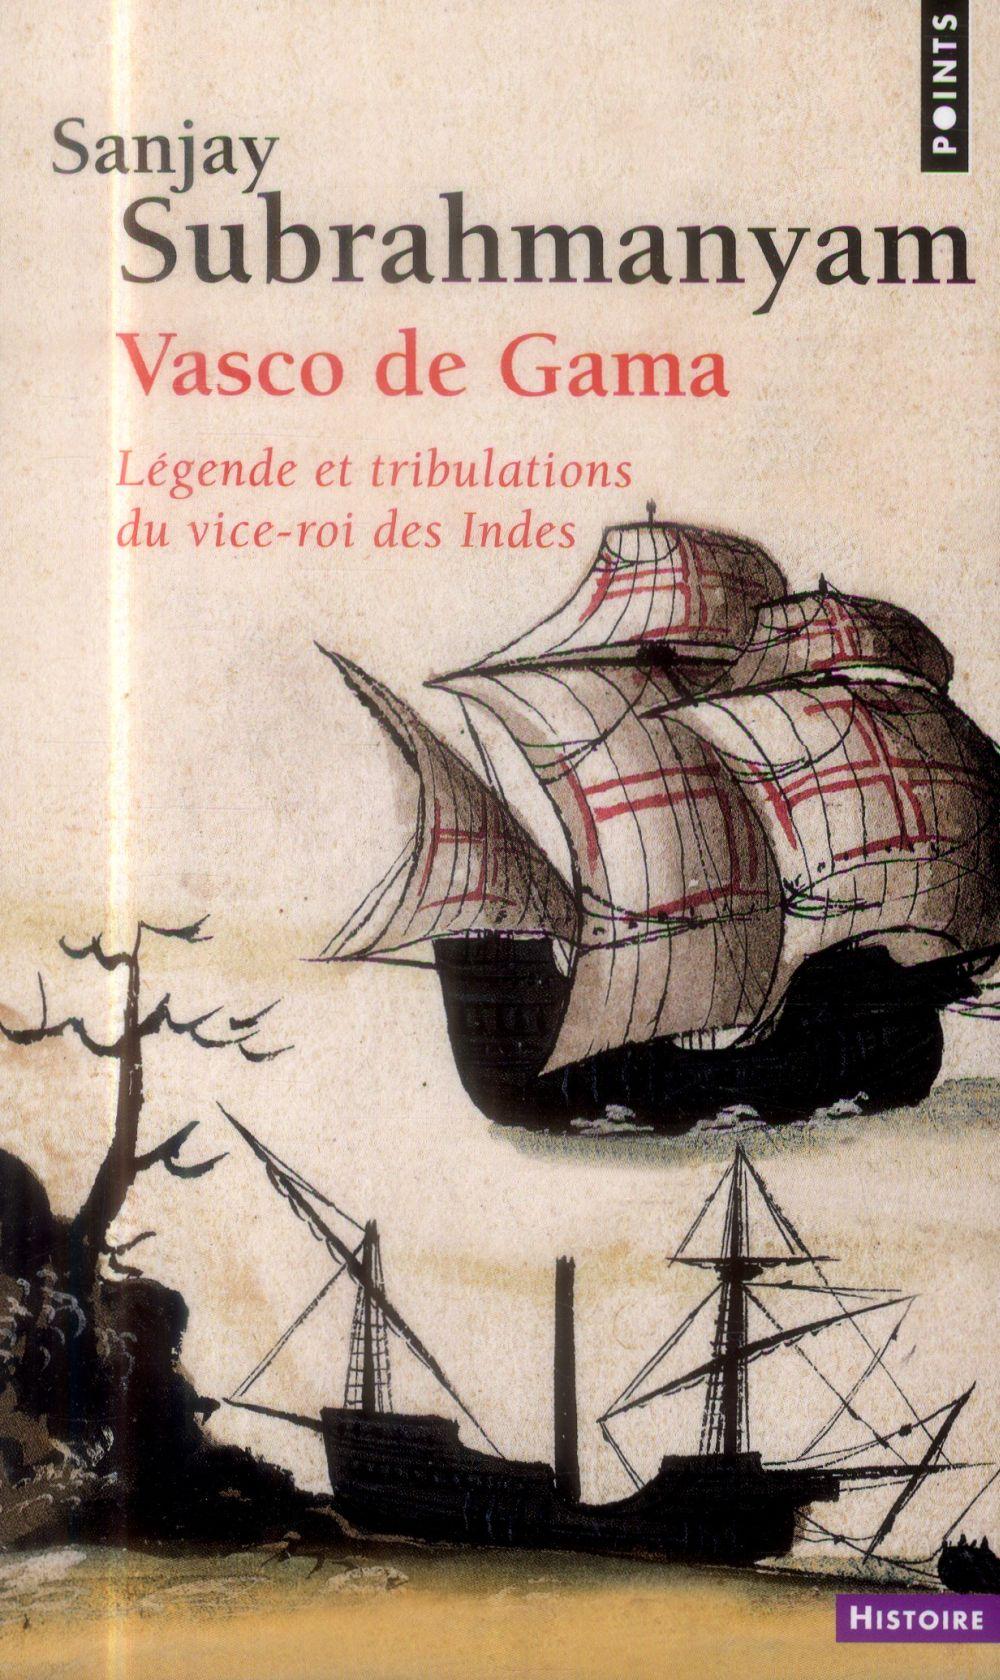 VASCO DE GAMA. LEGENDE ET TRIBULATIONS DU VICE-ROI